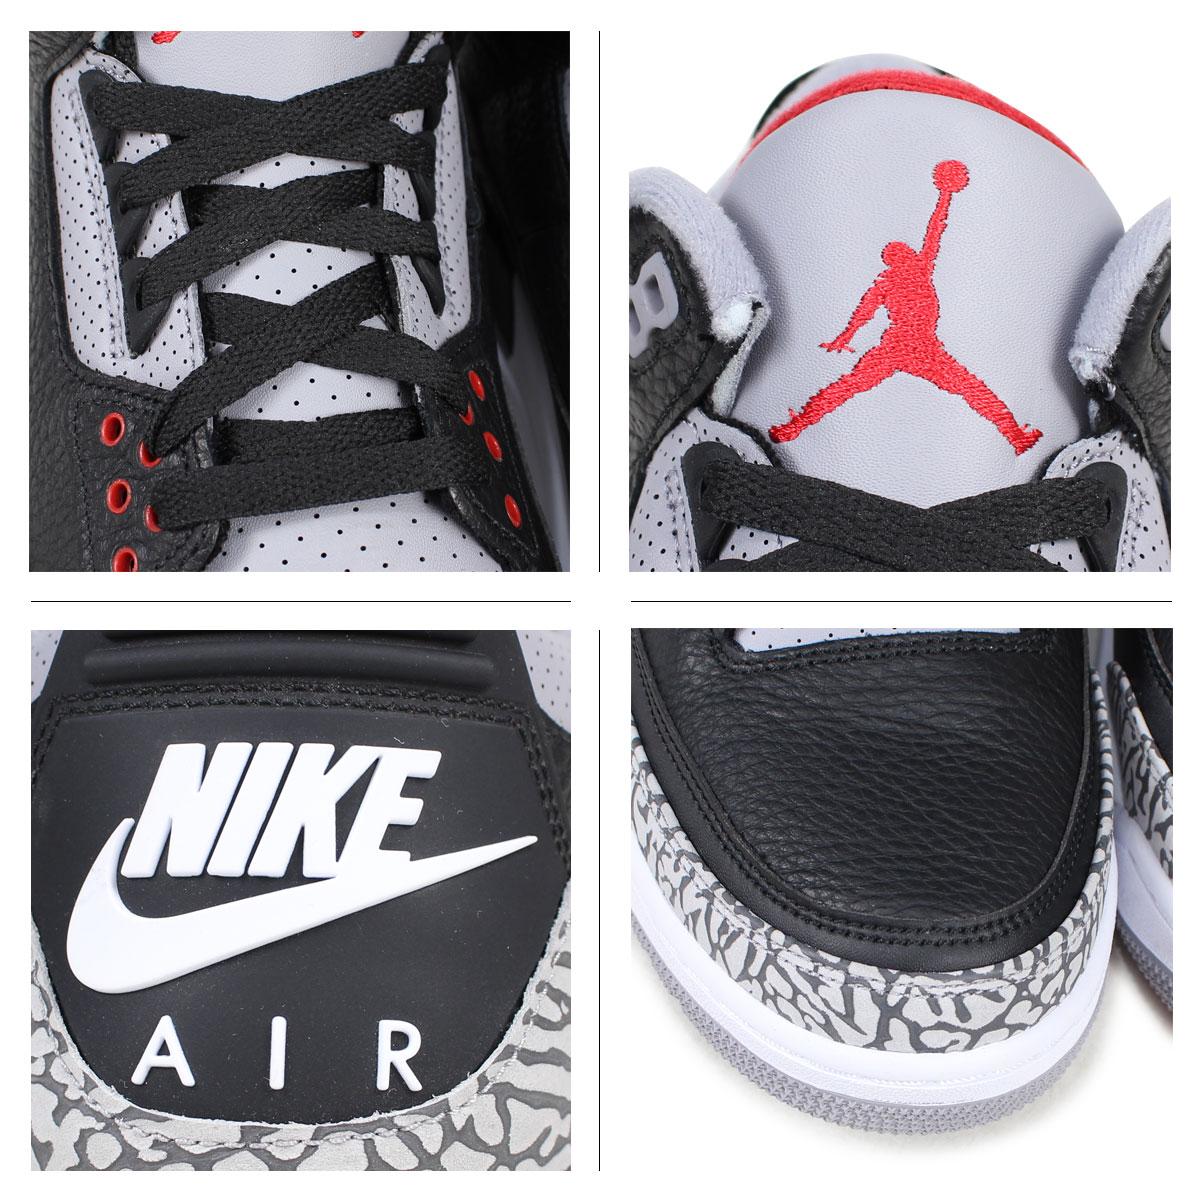 ab2d8706a06 ... NIKE AIR JORDAN 3 RETRO OG Nike Air Jordan 3 nostalgic sneakers men  854,262-001 ...